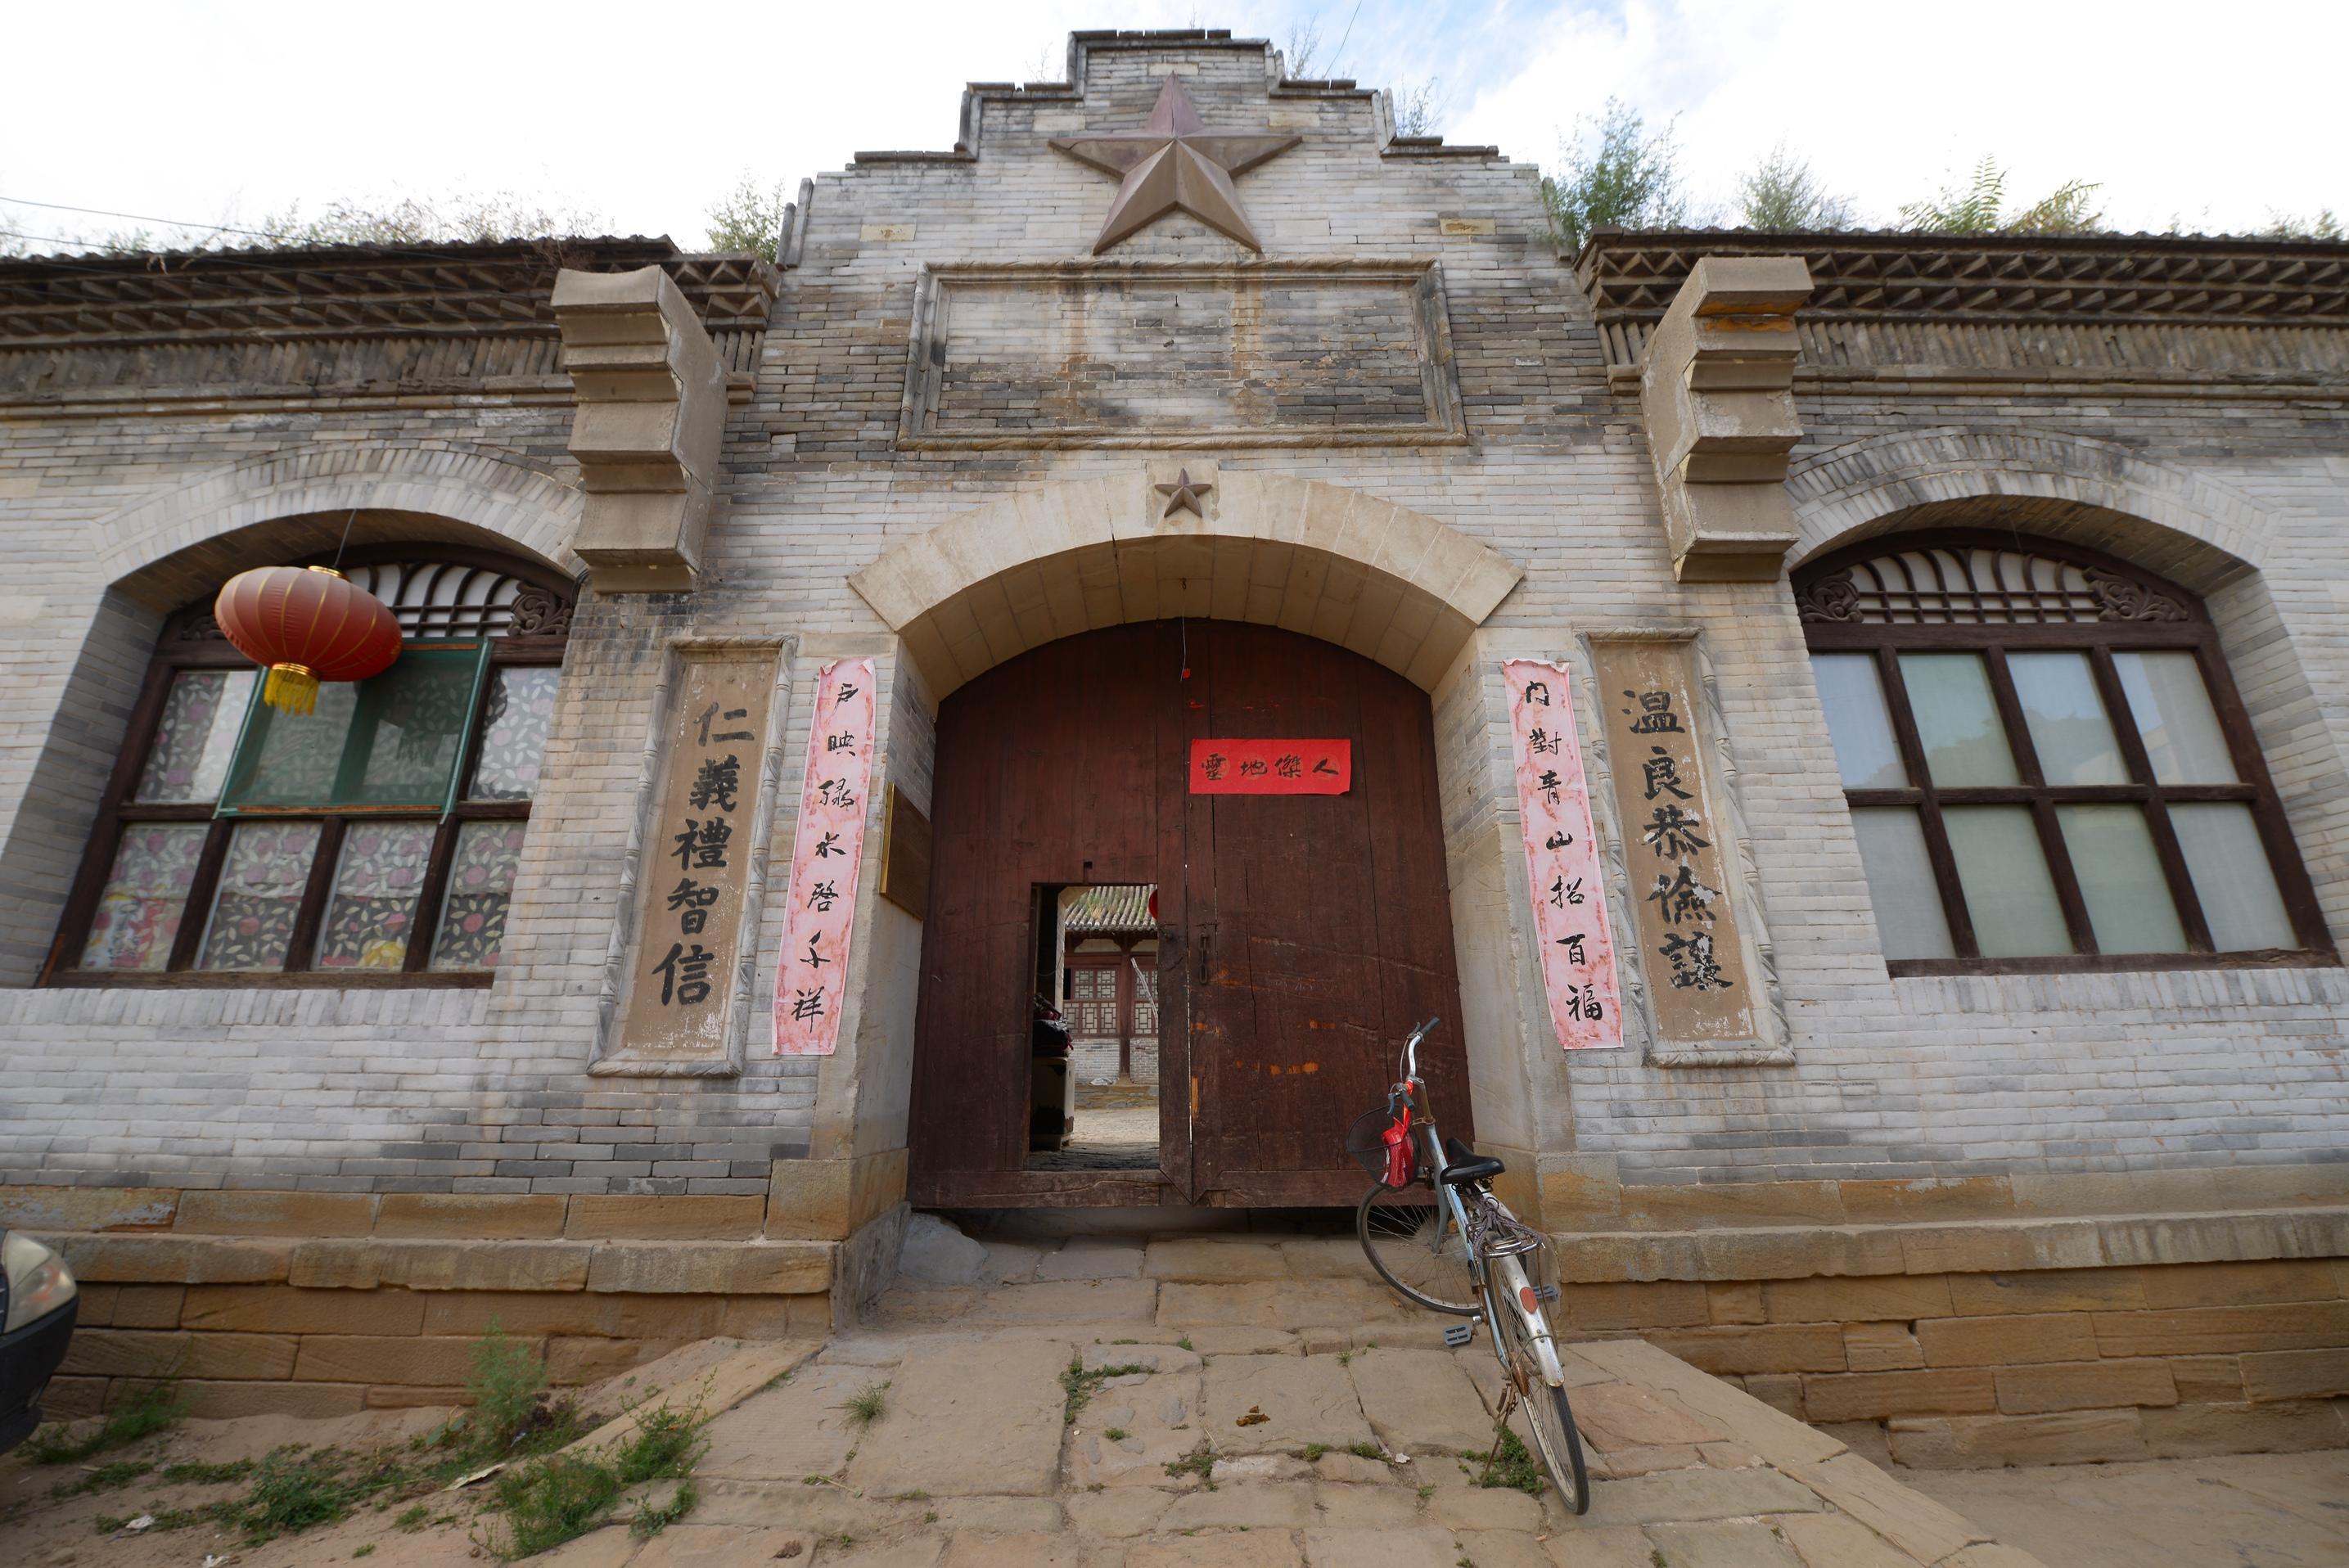 千年古县出过24位进士,气候特殊盛产漂亮婆姨,当地人:游客少市井多